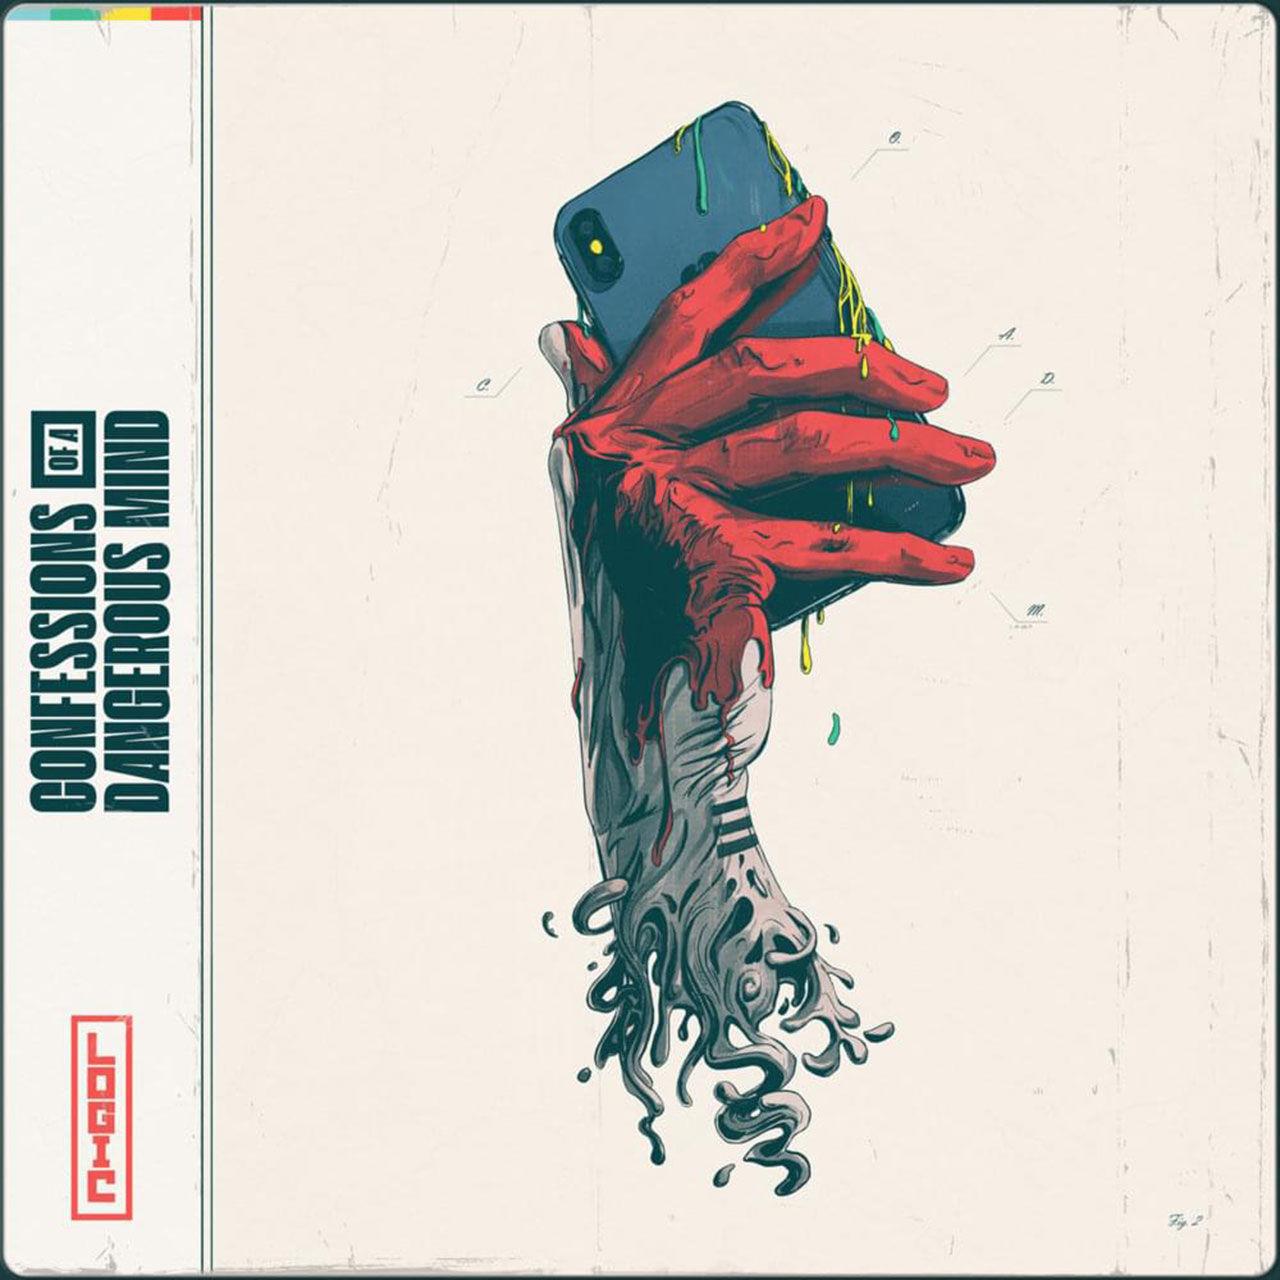 Lyssna på Logics nya album